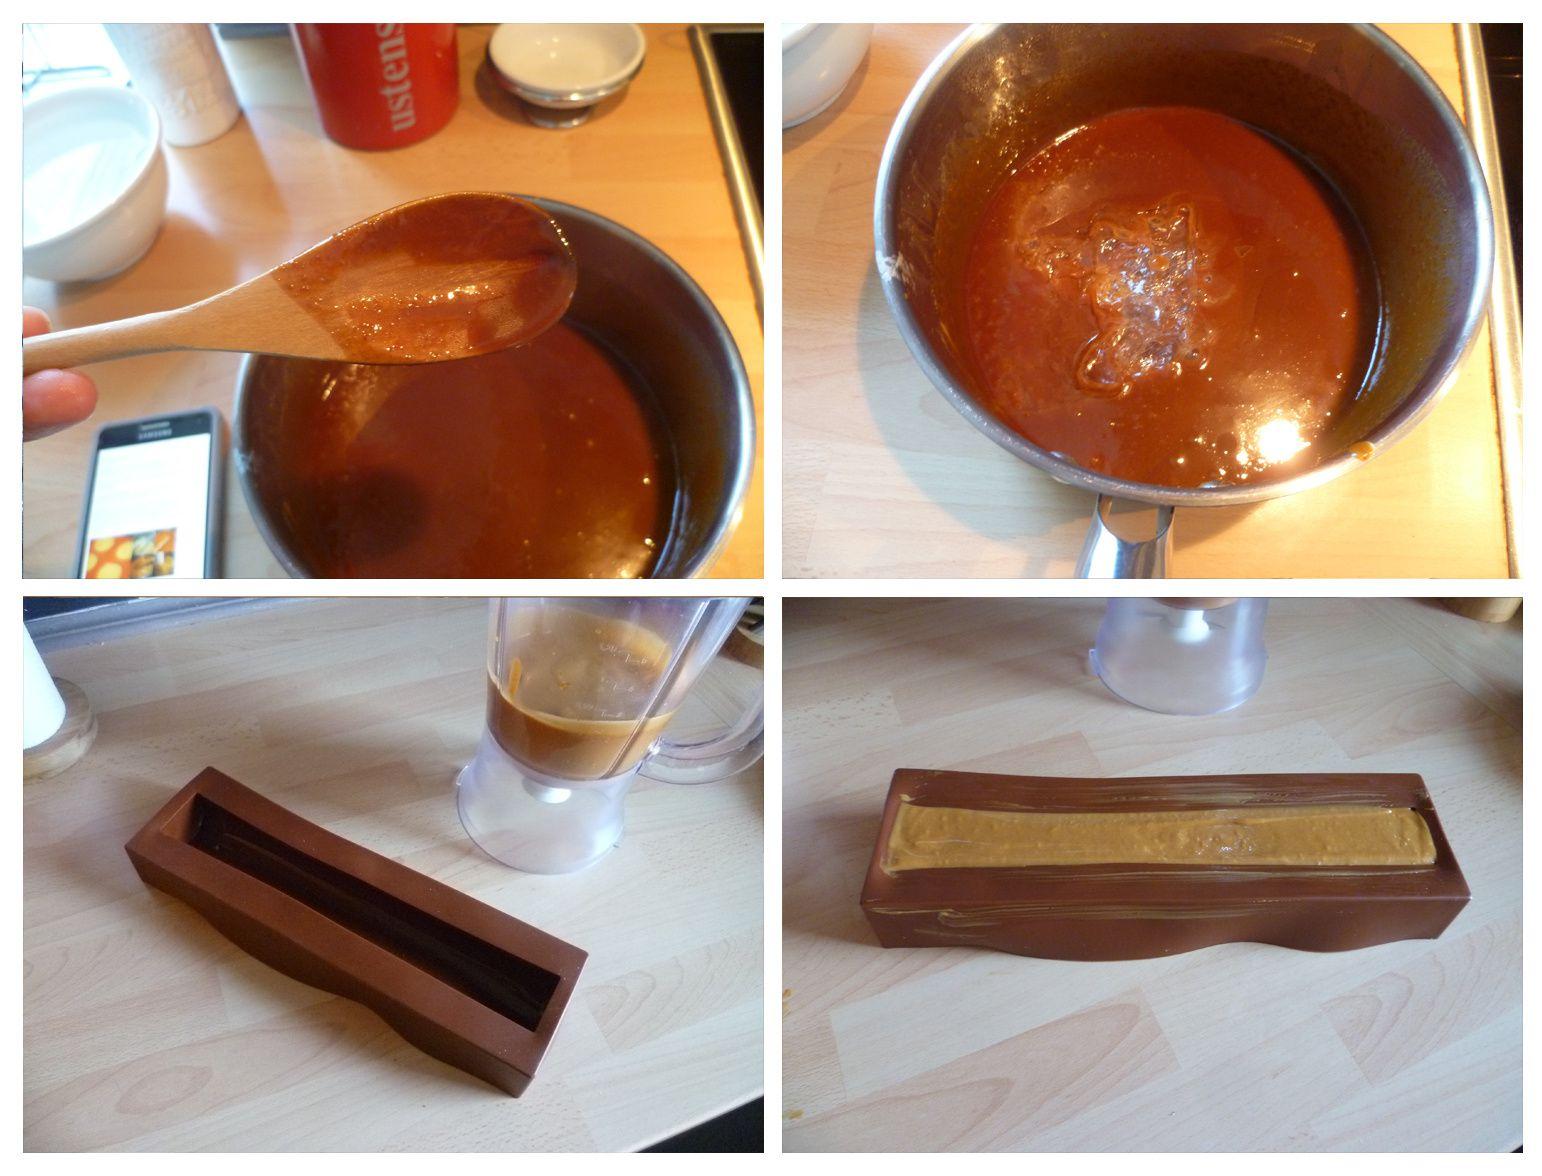 Bûche au chocolat et caramel salé